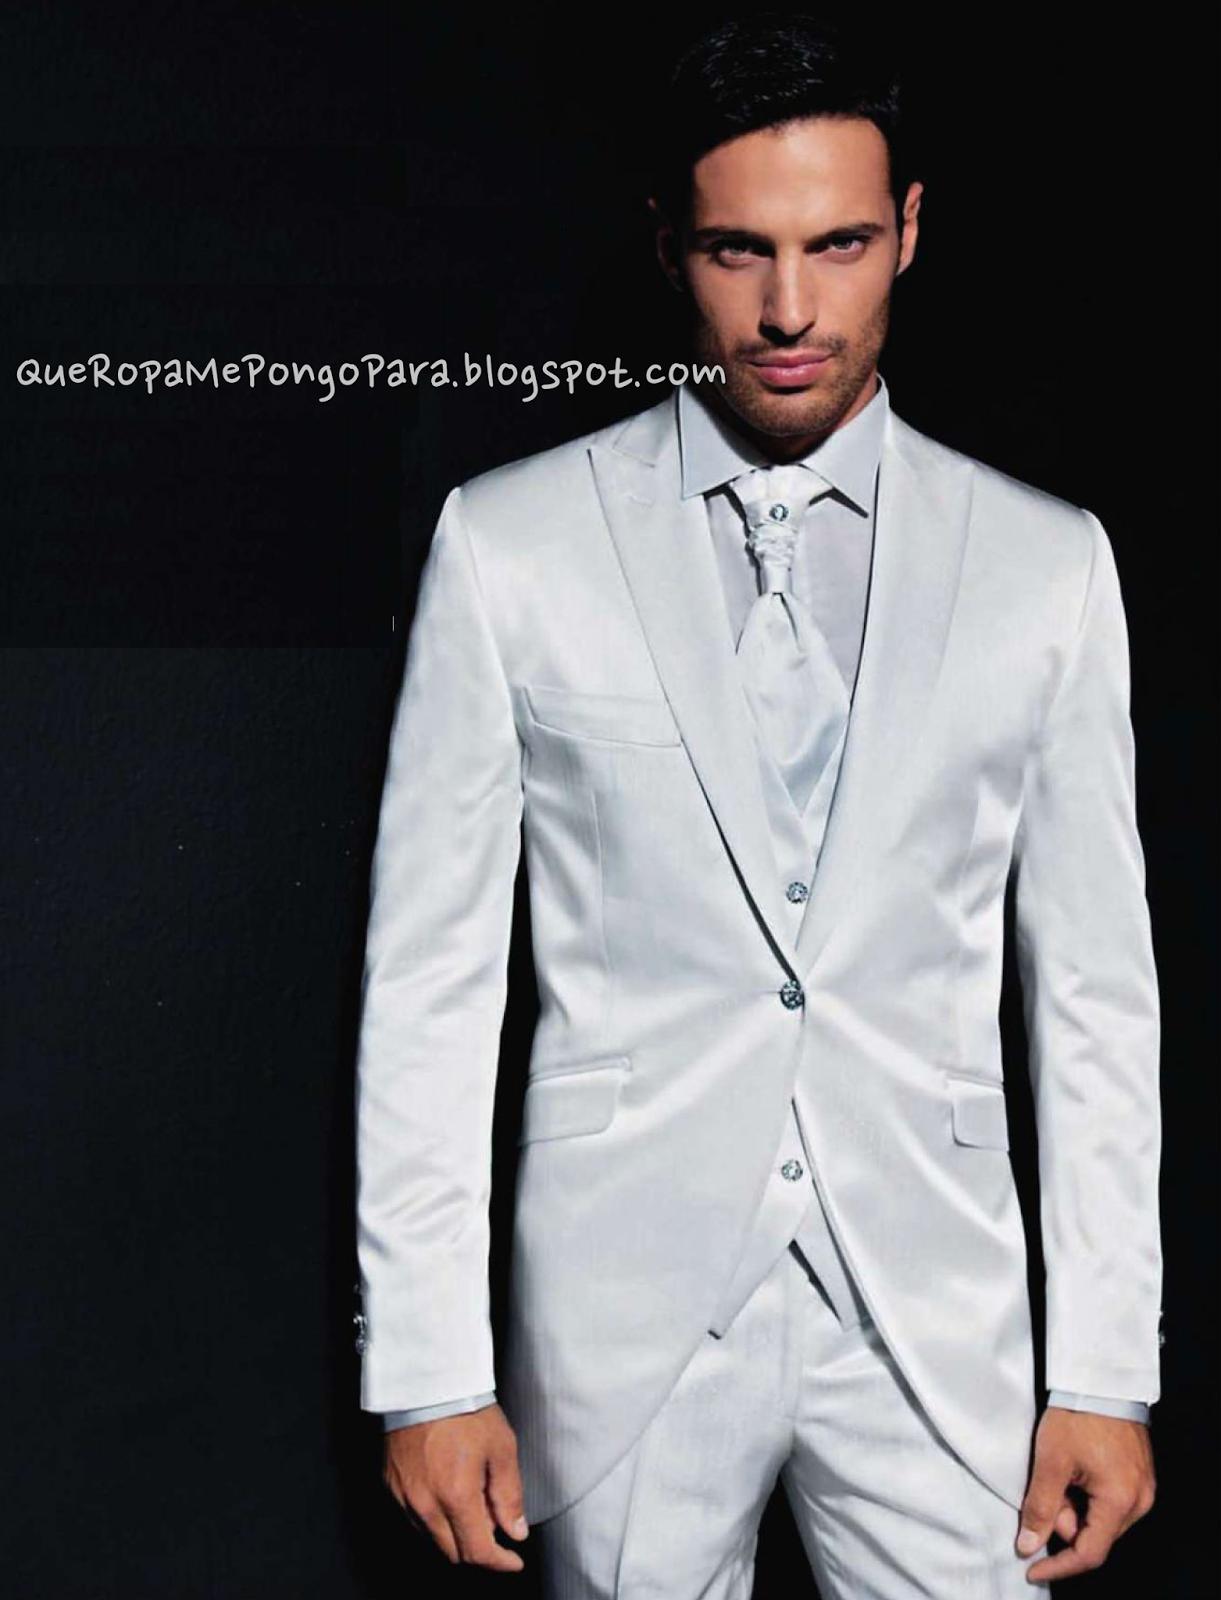 modelos de traje de hombre - TRAJES DE BODA PARA NOVIOS - Que ropa me pongo para mi boda